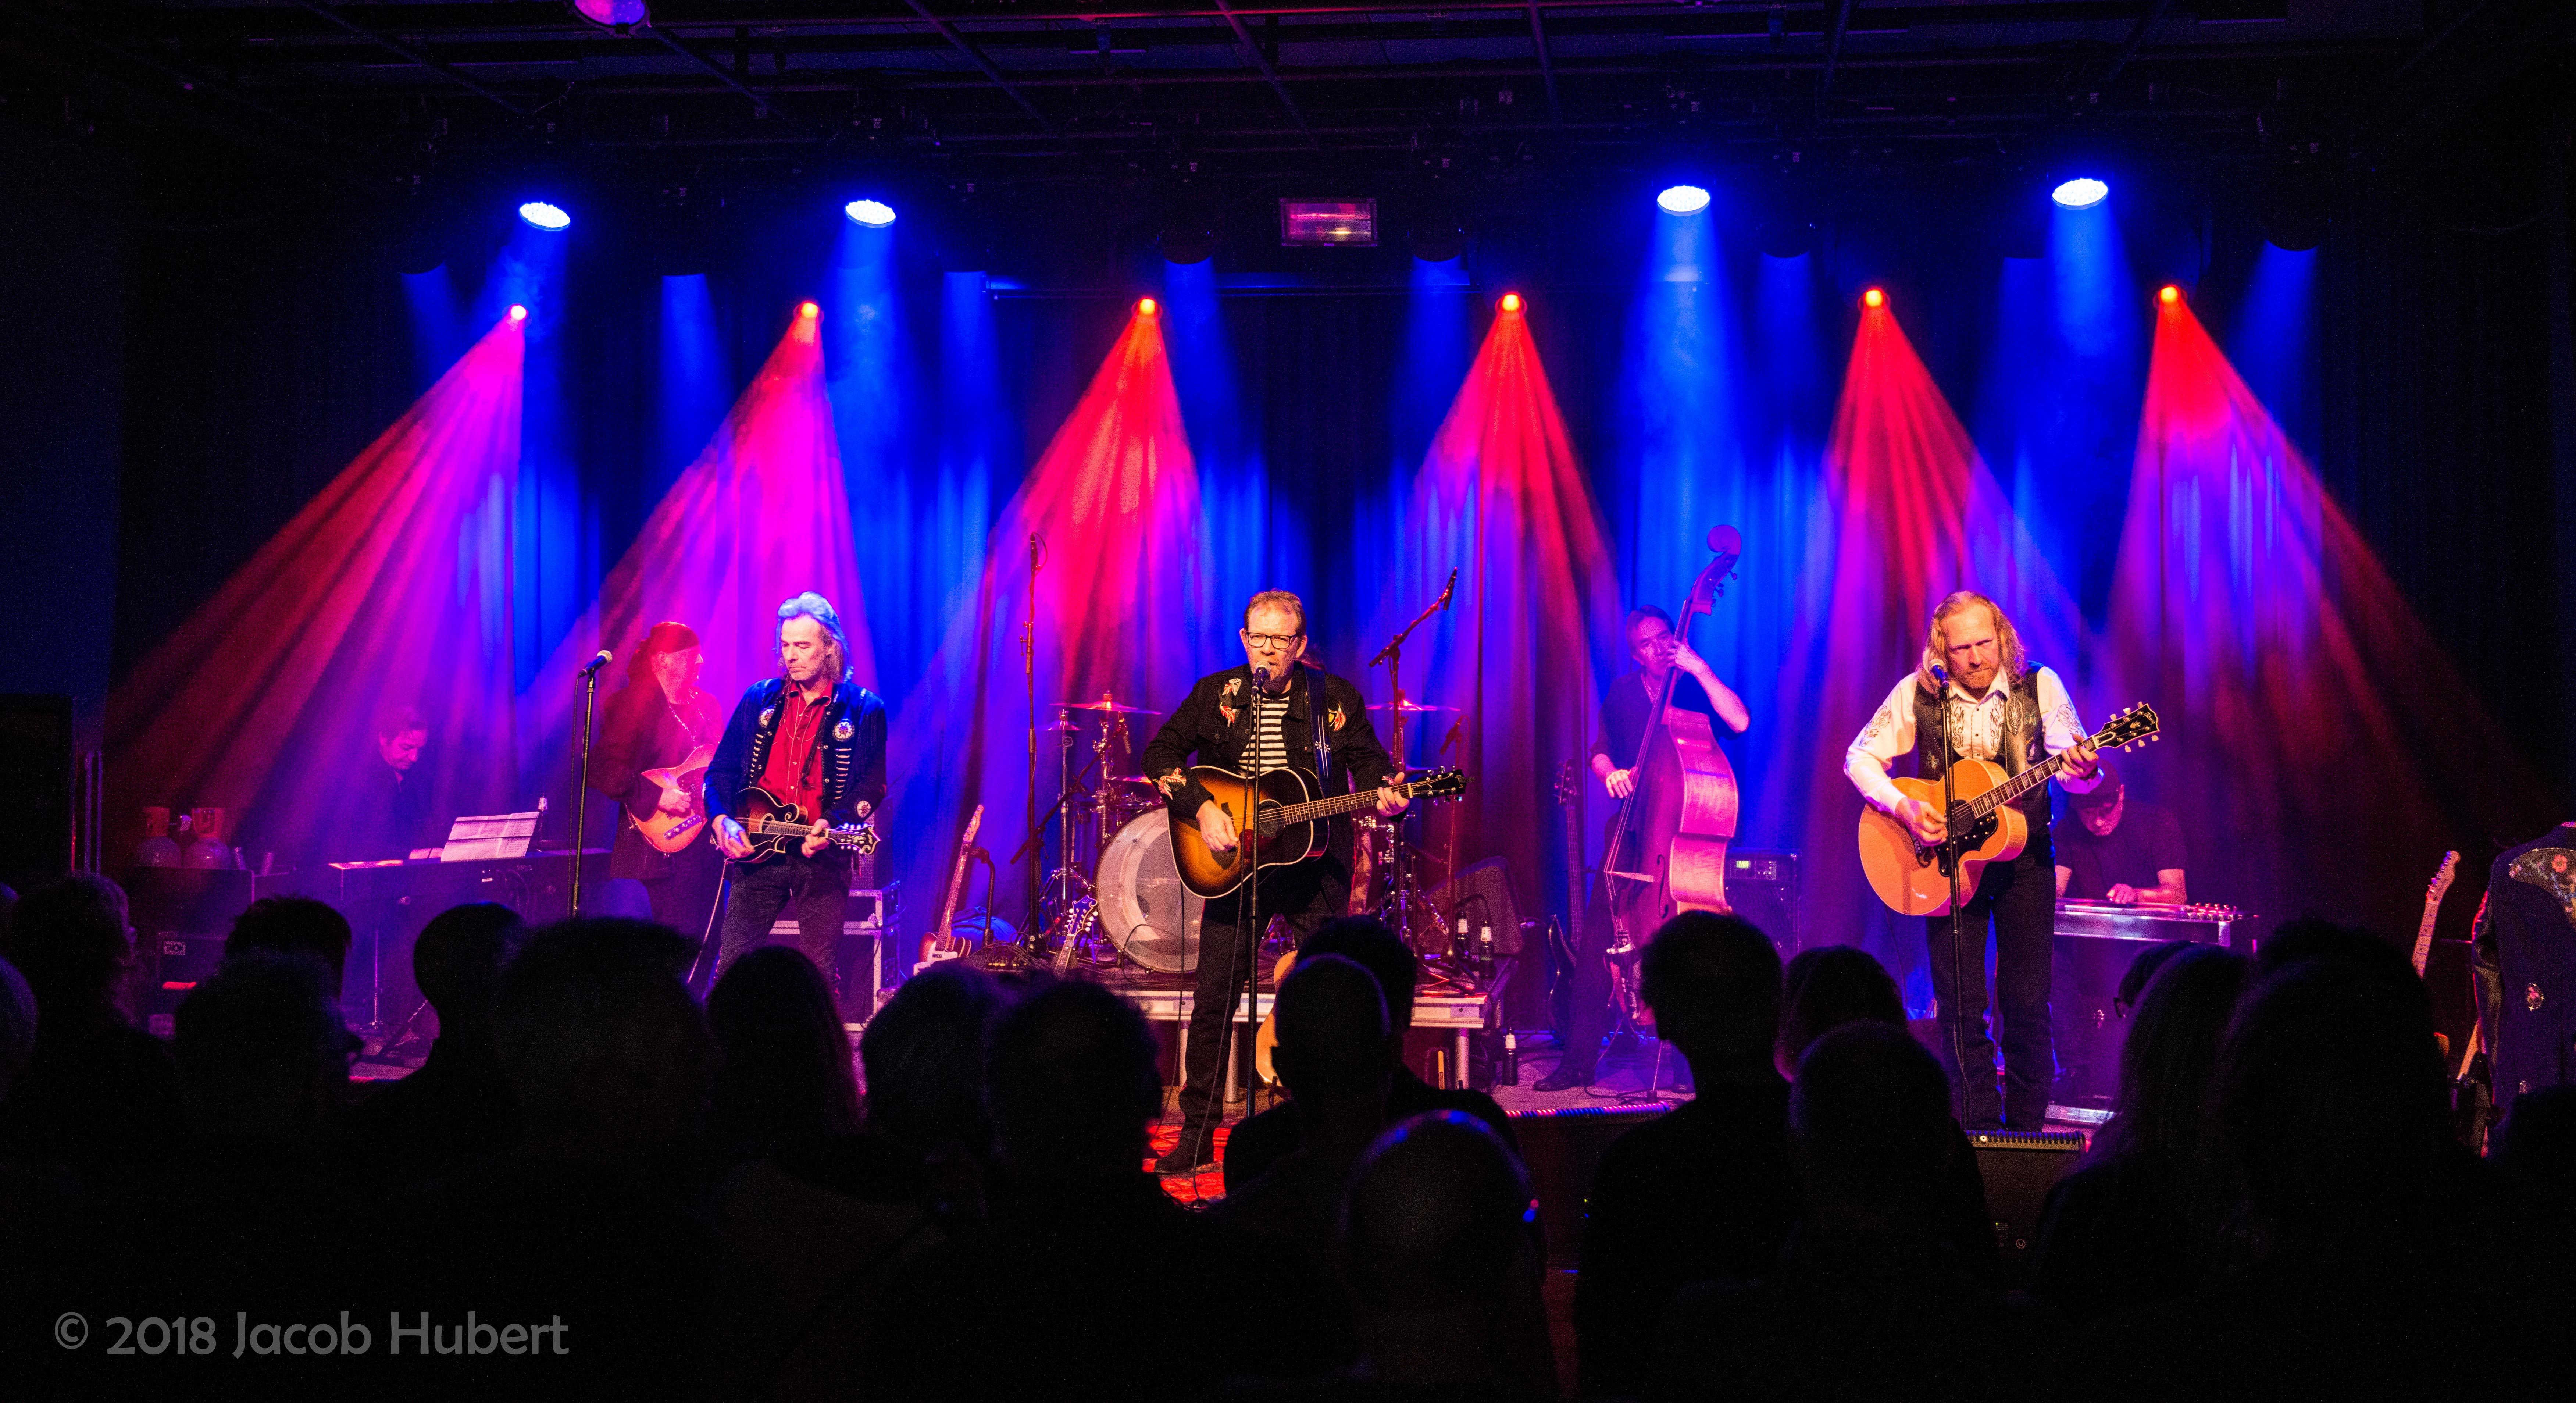 Het Skotwal-achttal neemt het publiek mee in een achtbaan van muzikaal genot en emoties. (Foto: Jacob Hubert)